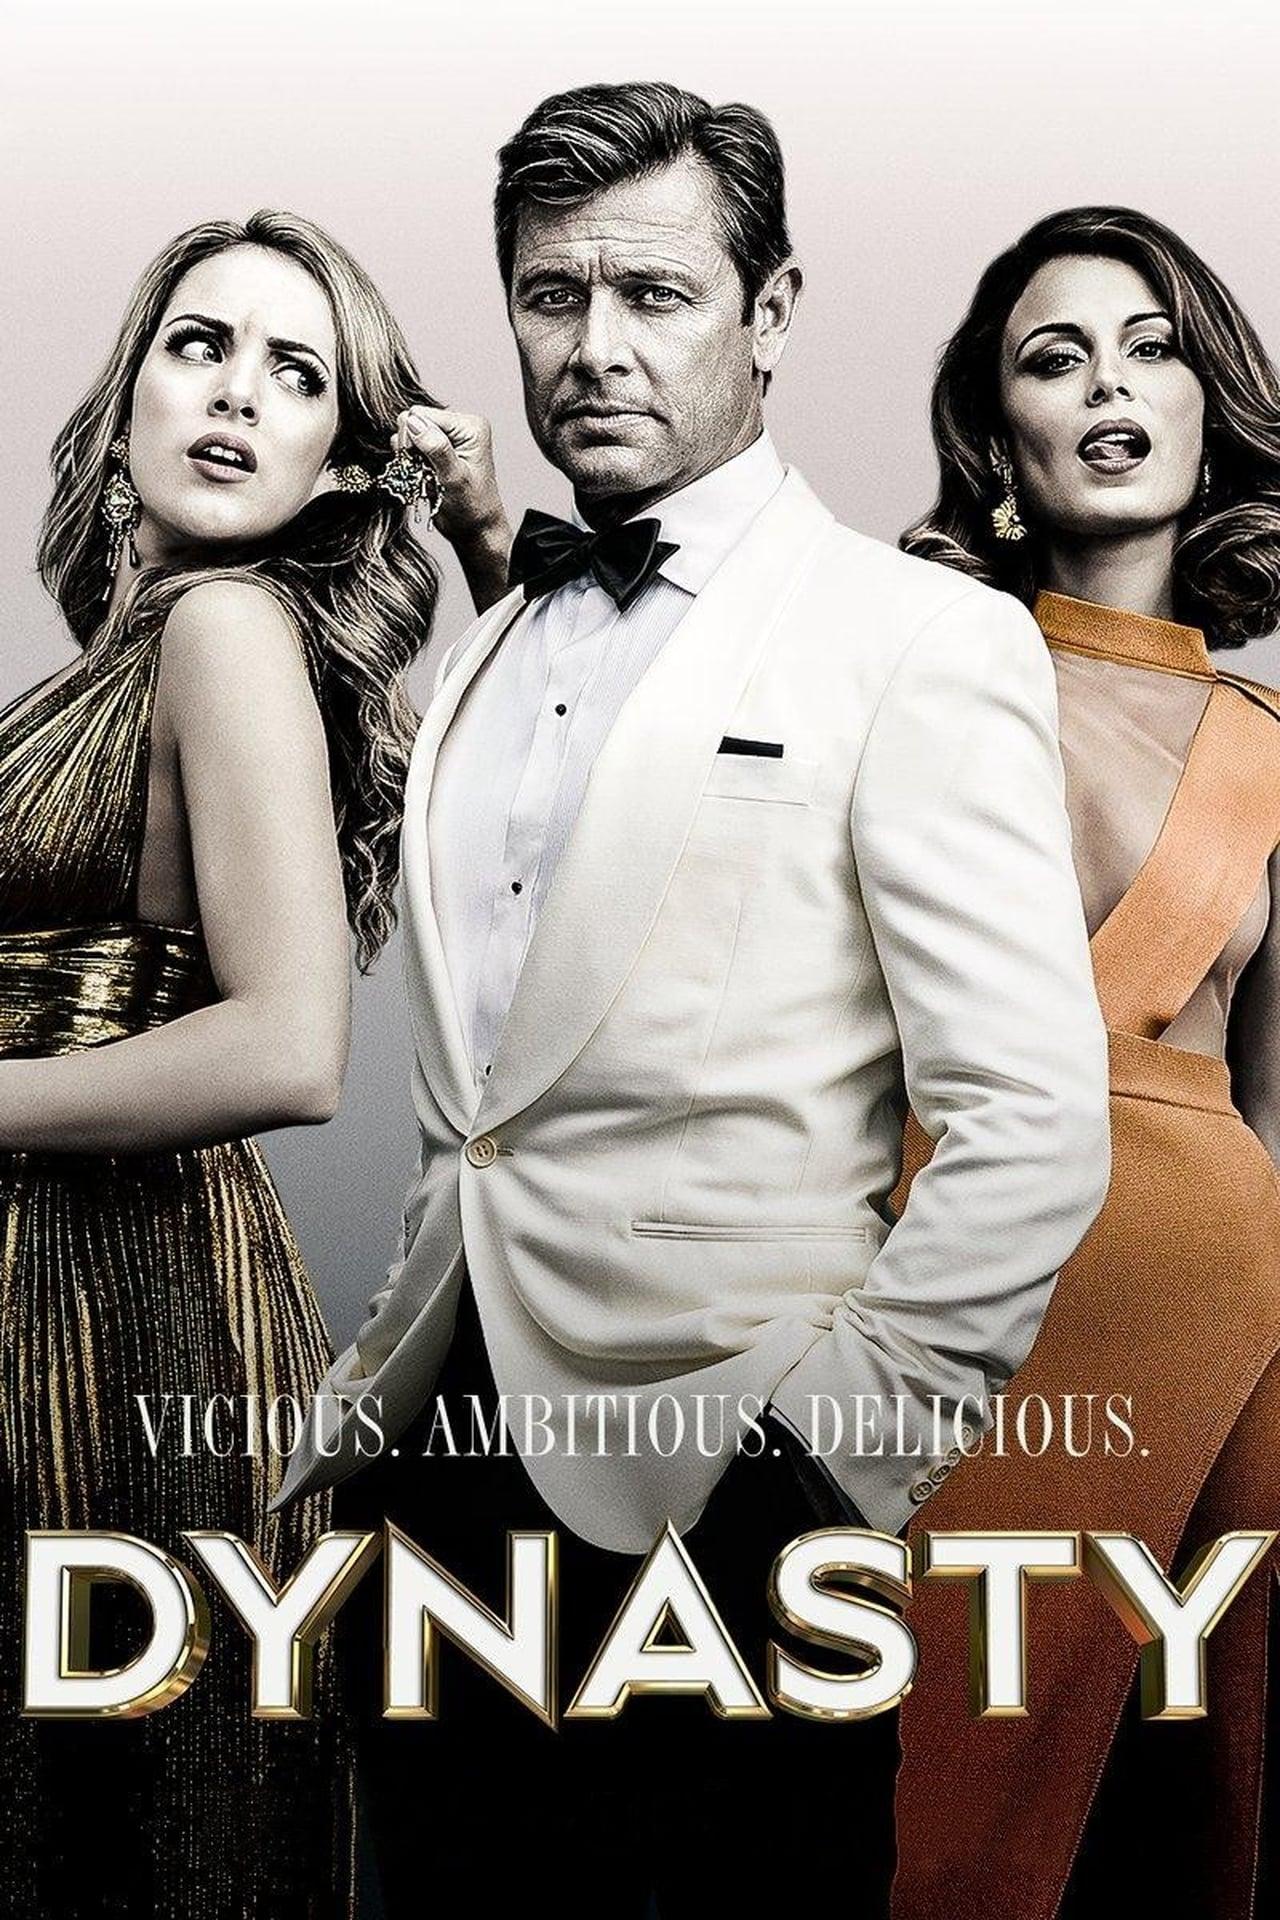 October 12: 'Dynasty' new season with Elizabeth Gillies and Rafael de La Fuente